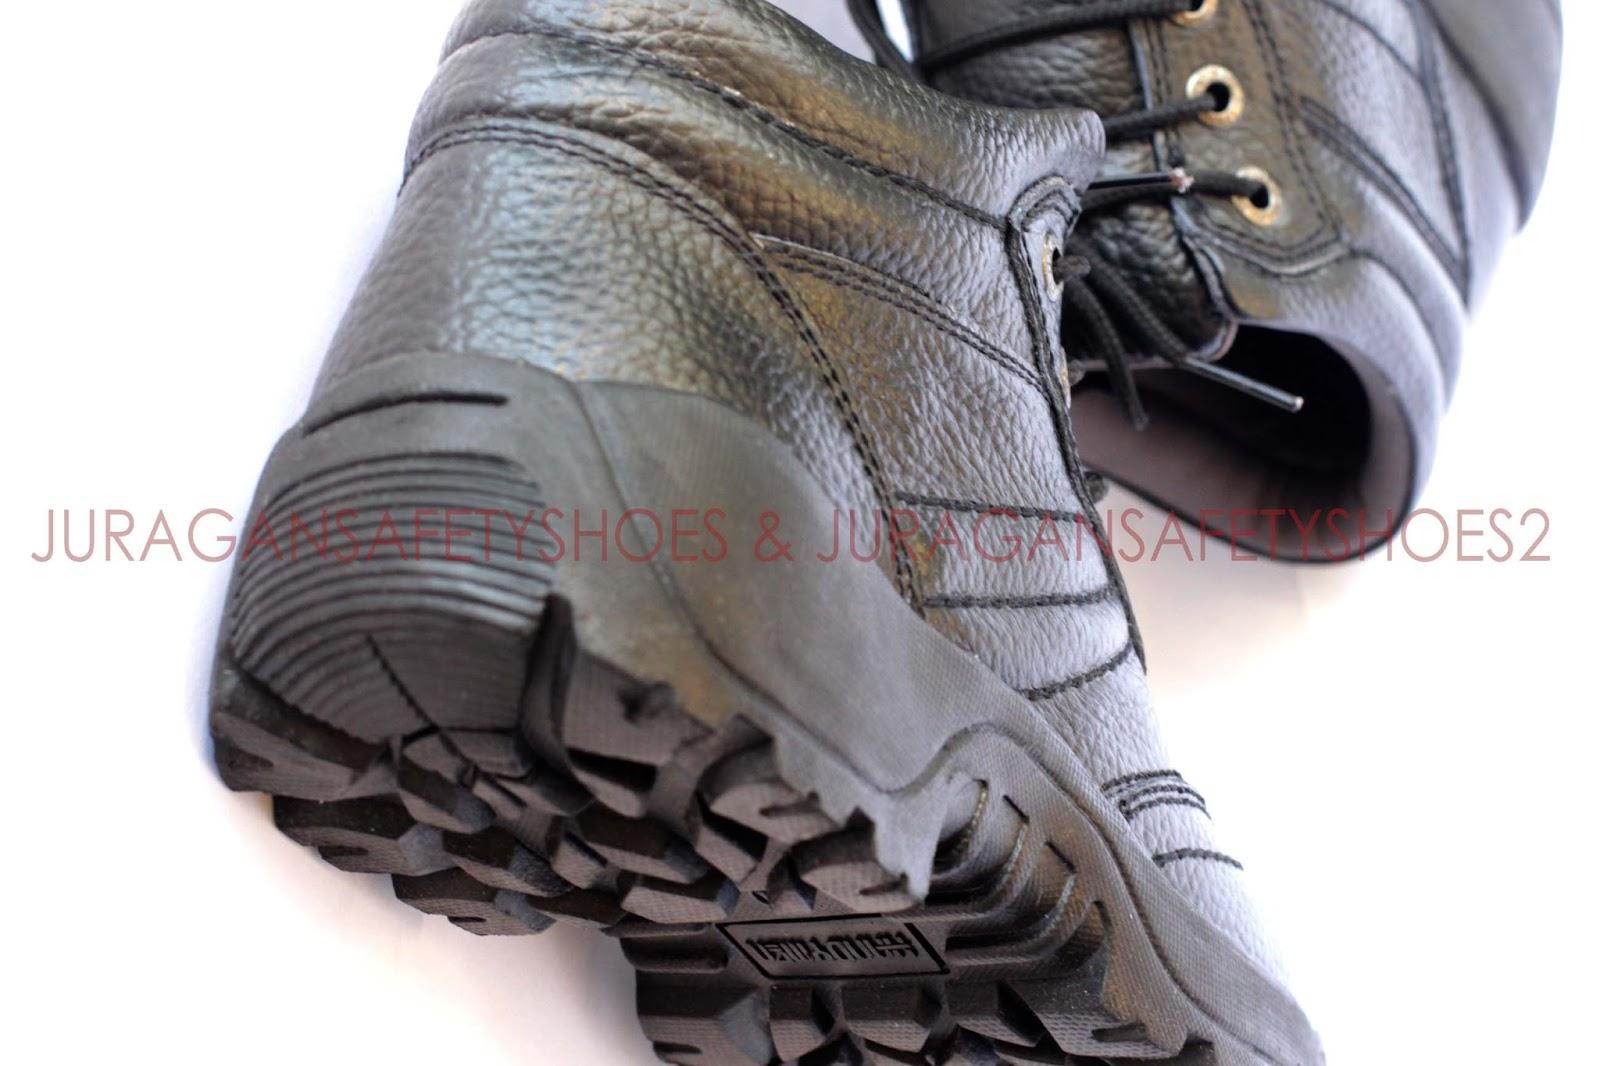 cara sederhana mudah merawat sepatu kulit e806644dea